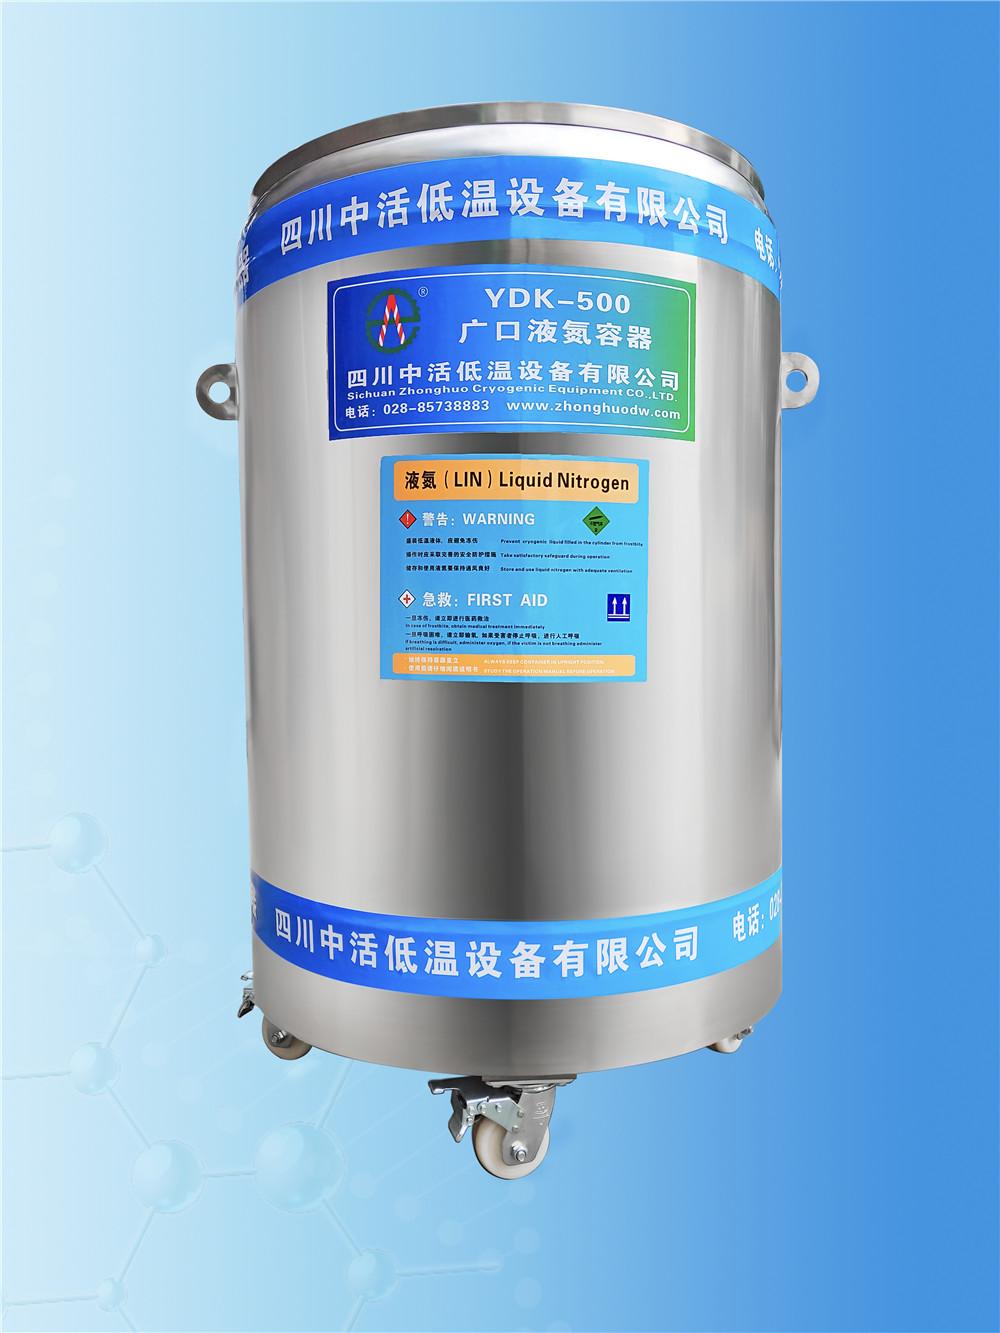 四川中活定制广口液氮罐YDK-500